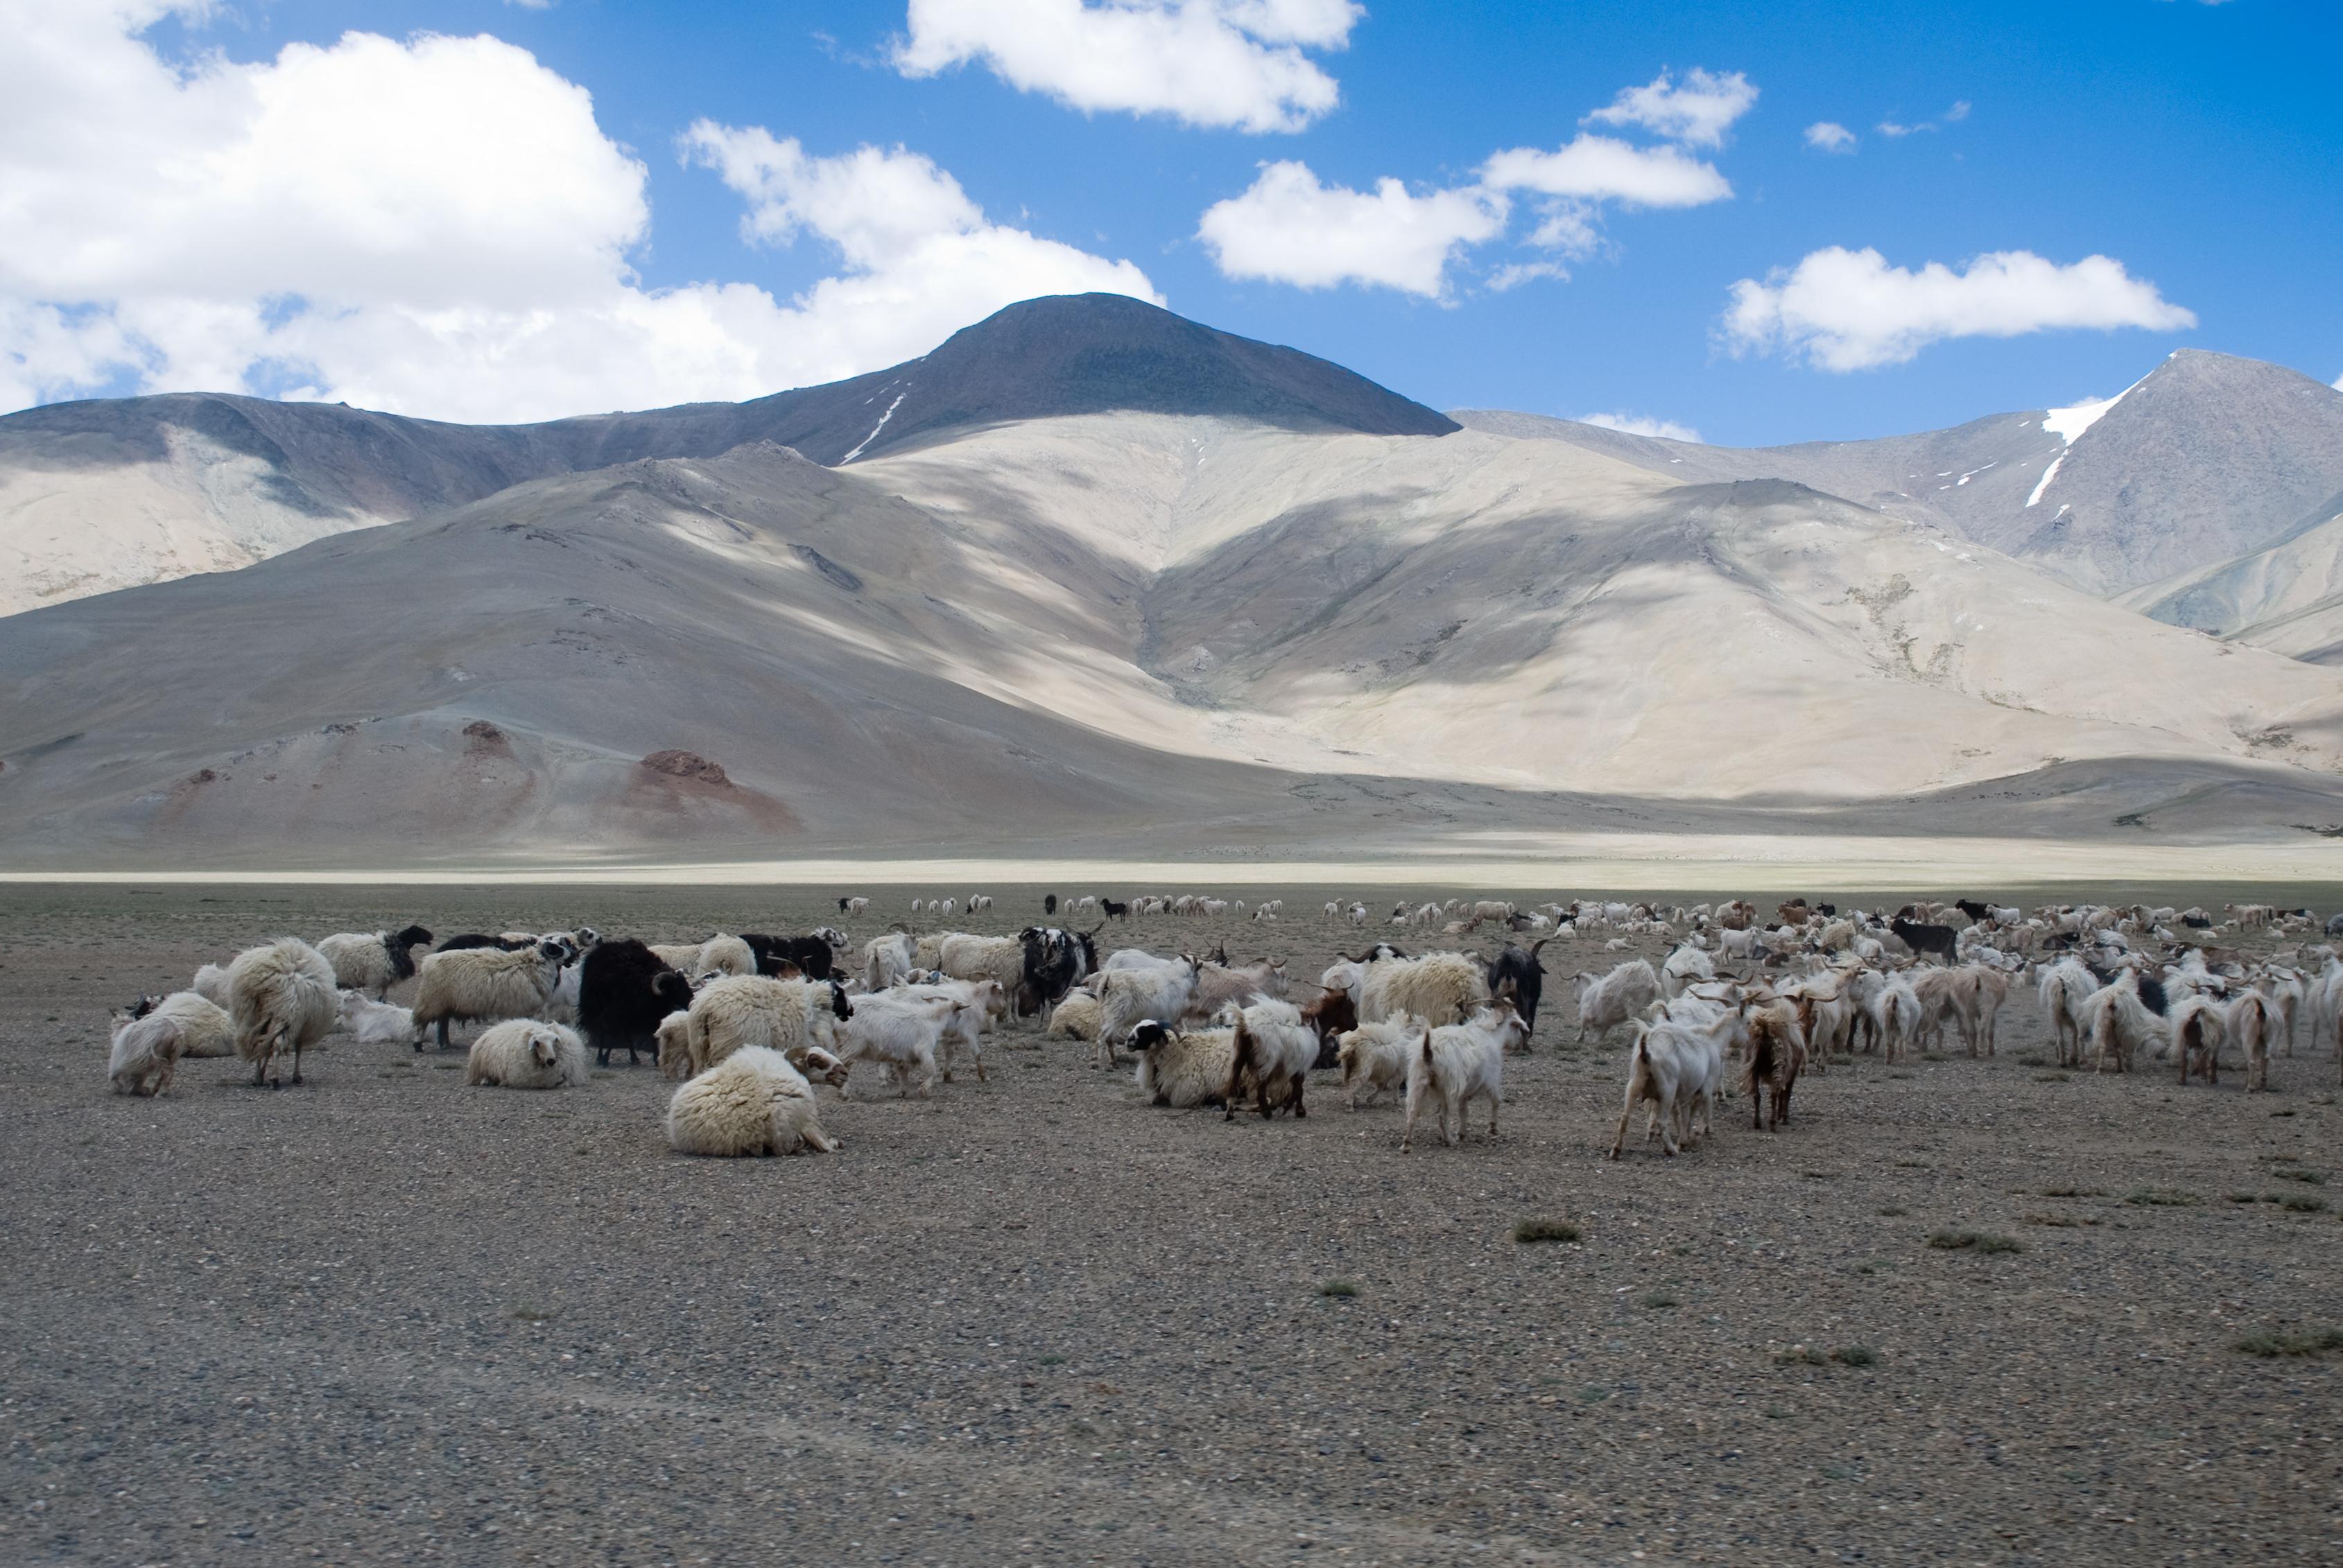 תרמית הכבשים והאוטובוס (צילום: קיראן ג'ונהלגדה)